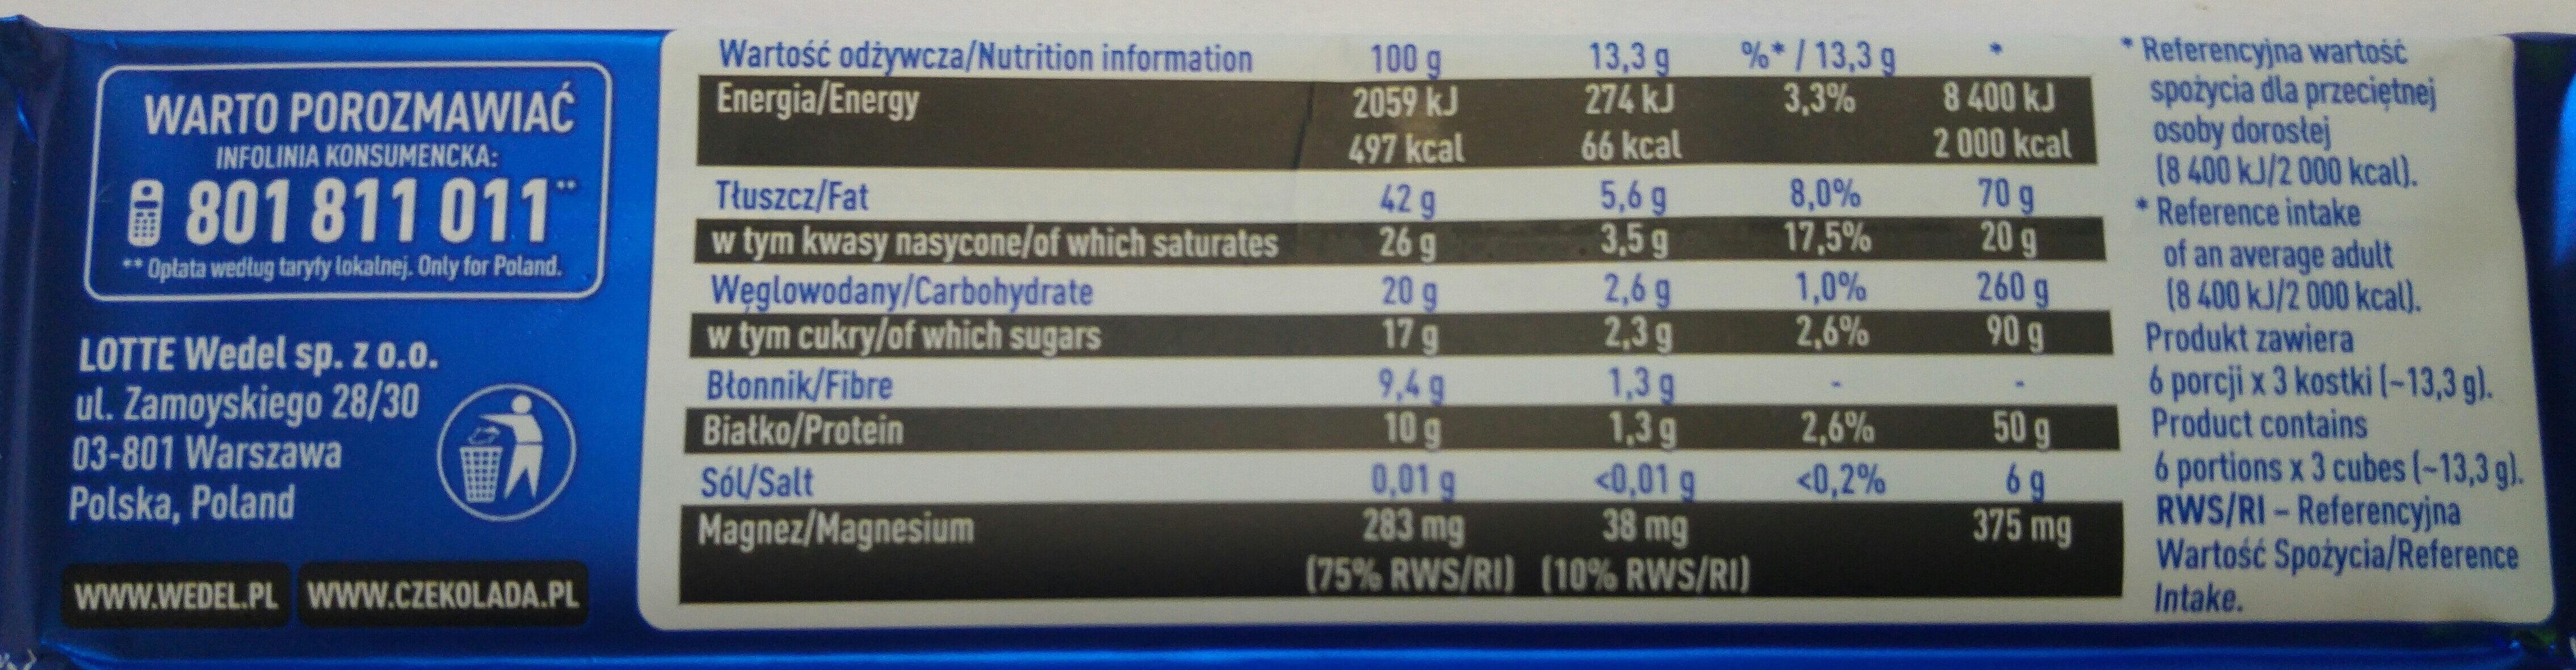 Dark chocolate 80% cocoa, mocno gorzka - Nutrition facts - en